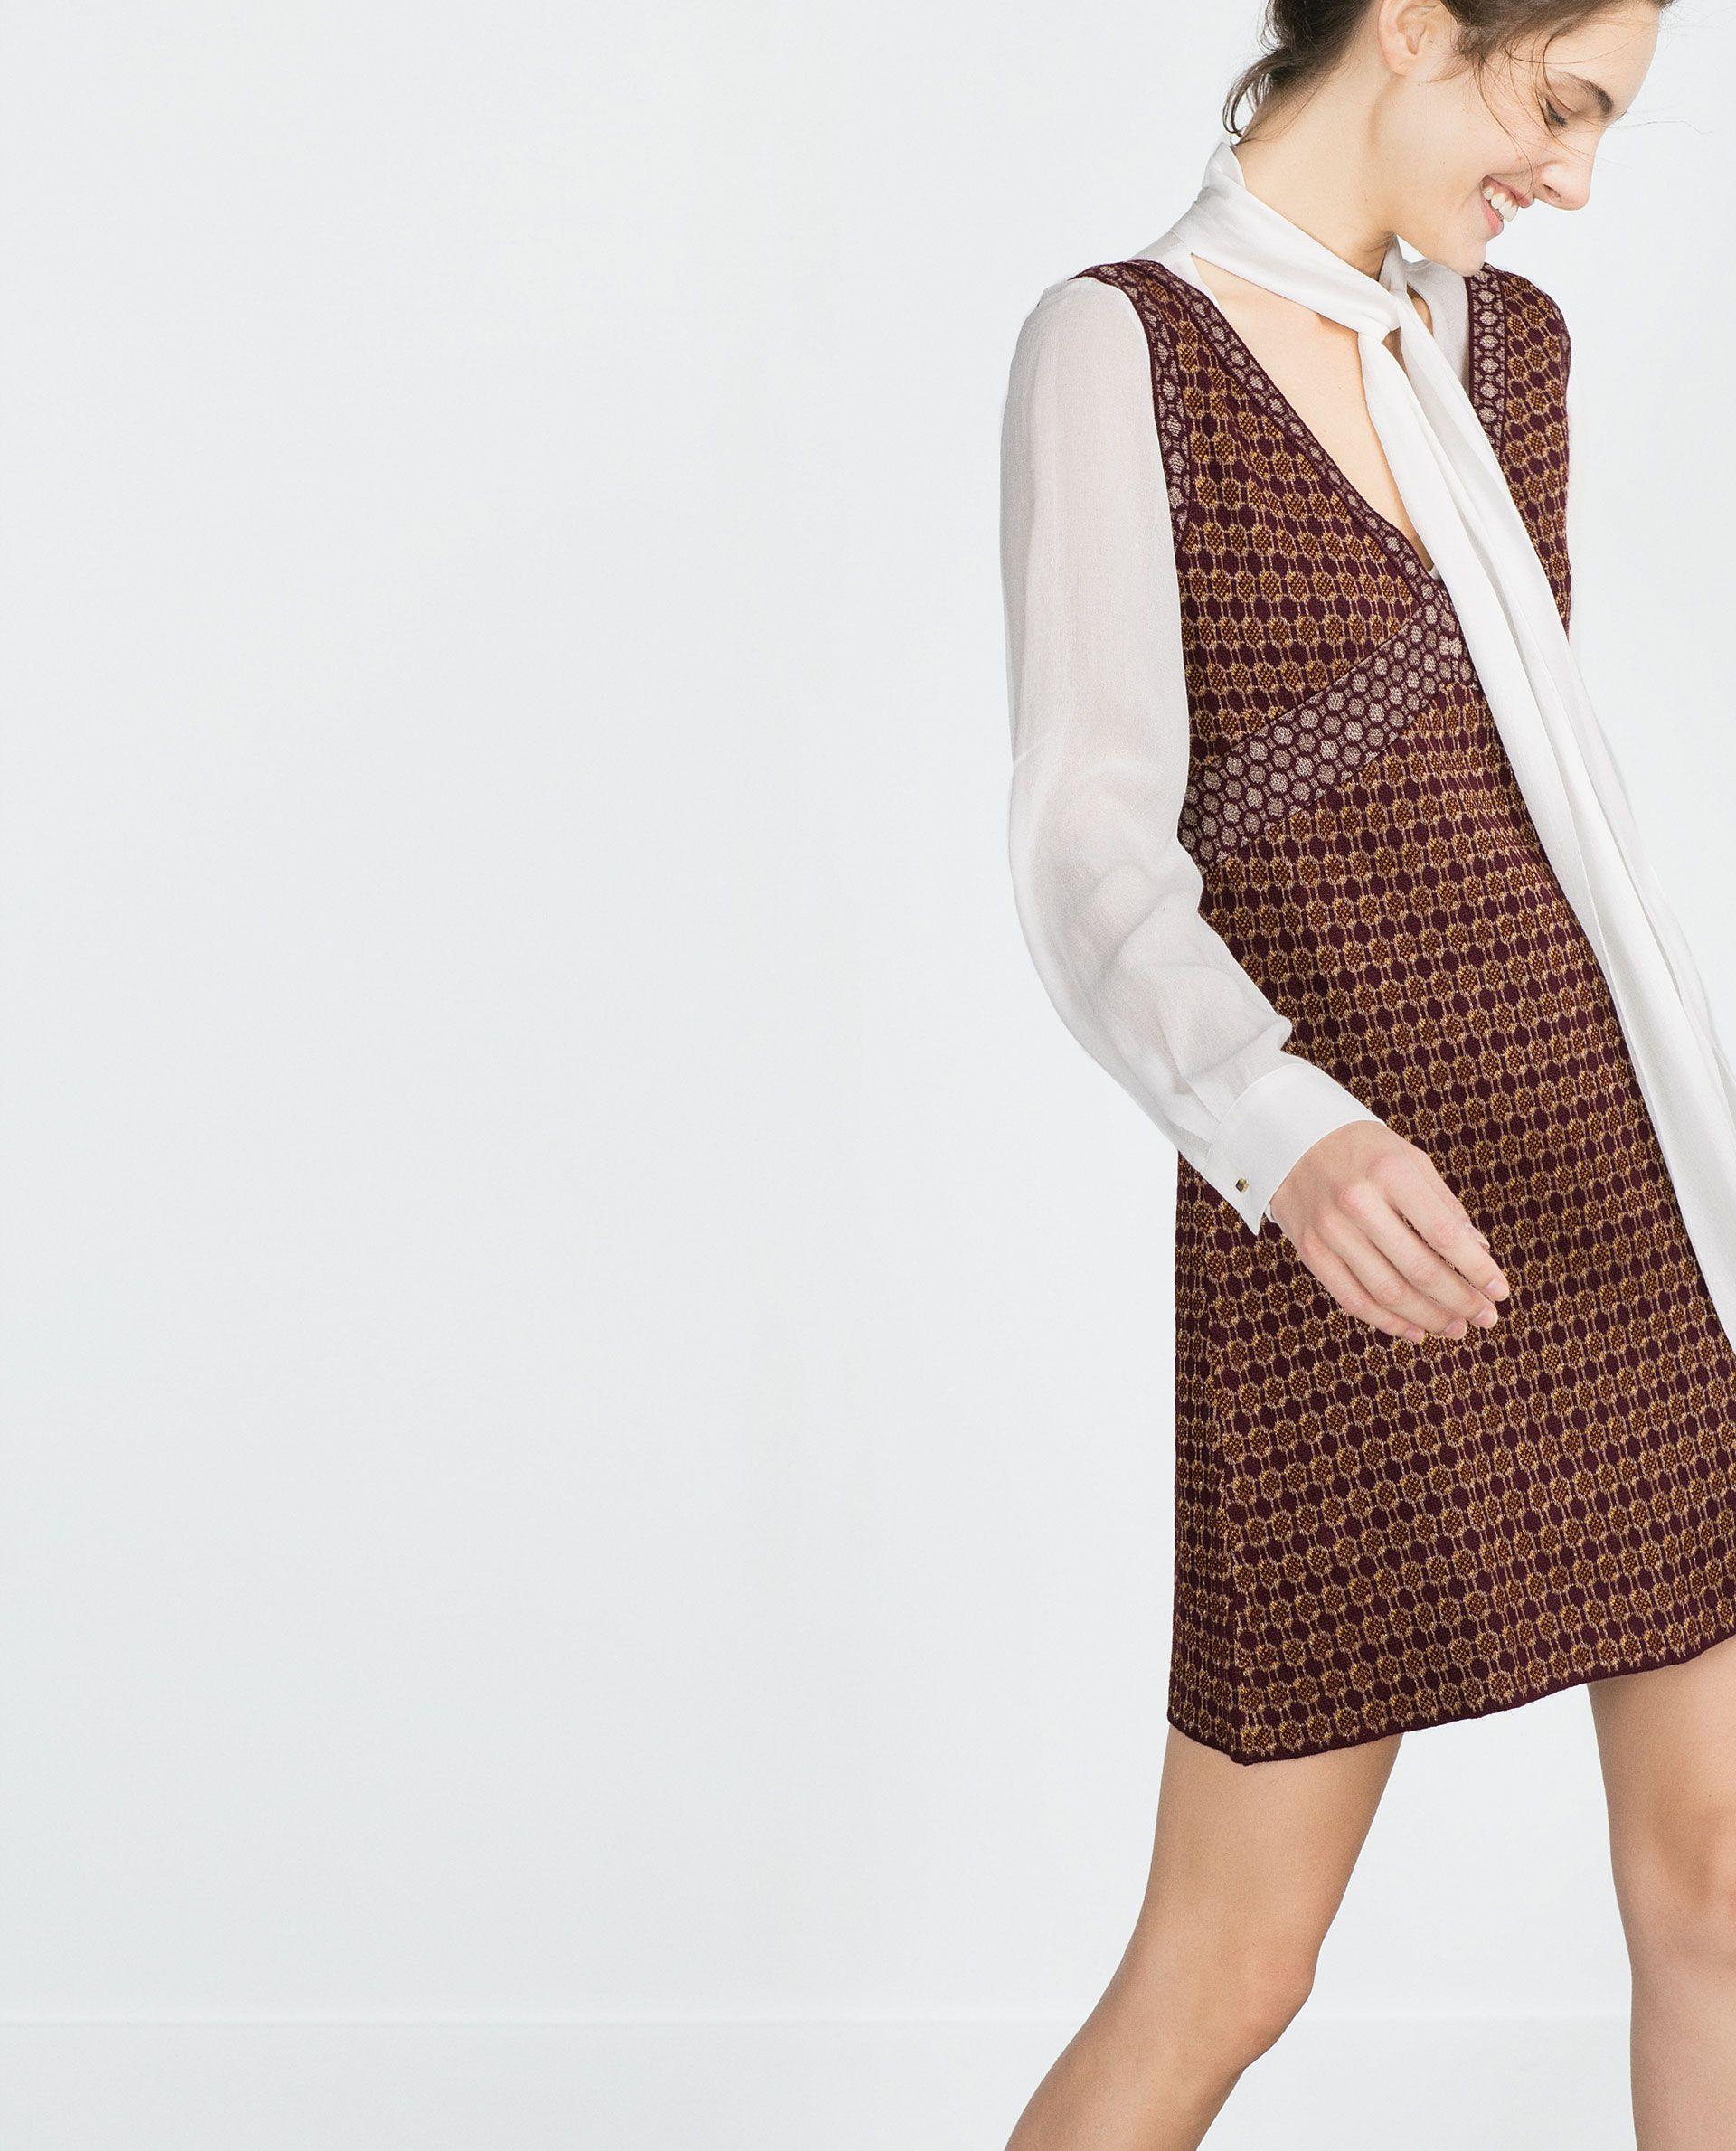 4669d79a MICRO - JACQUARD DRESS - Knitwear - Woman - COLLECTION AW15 | ZARA Serbia